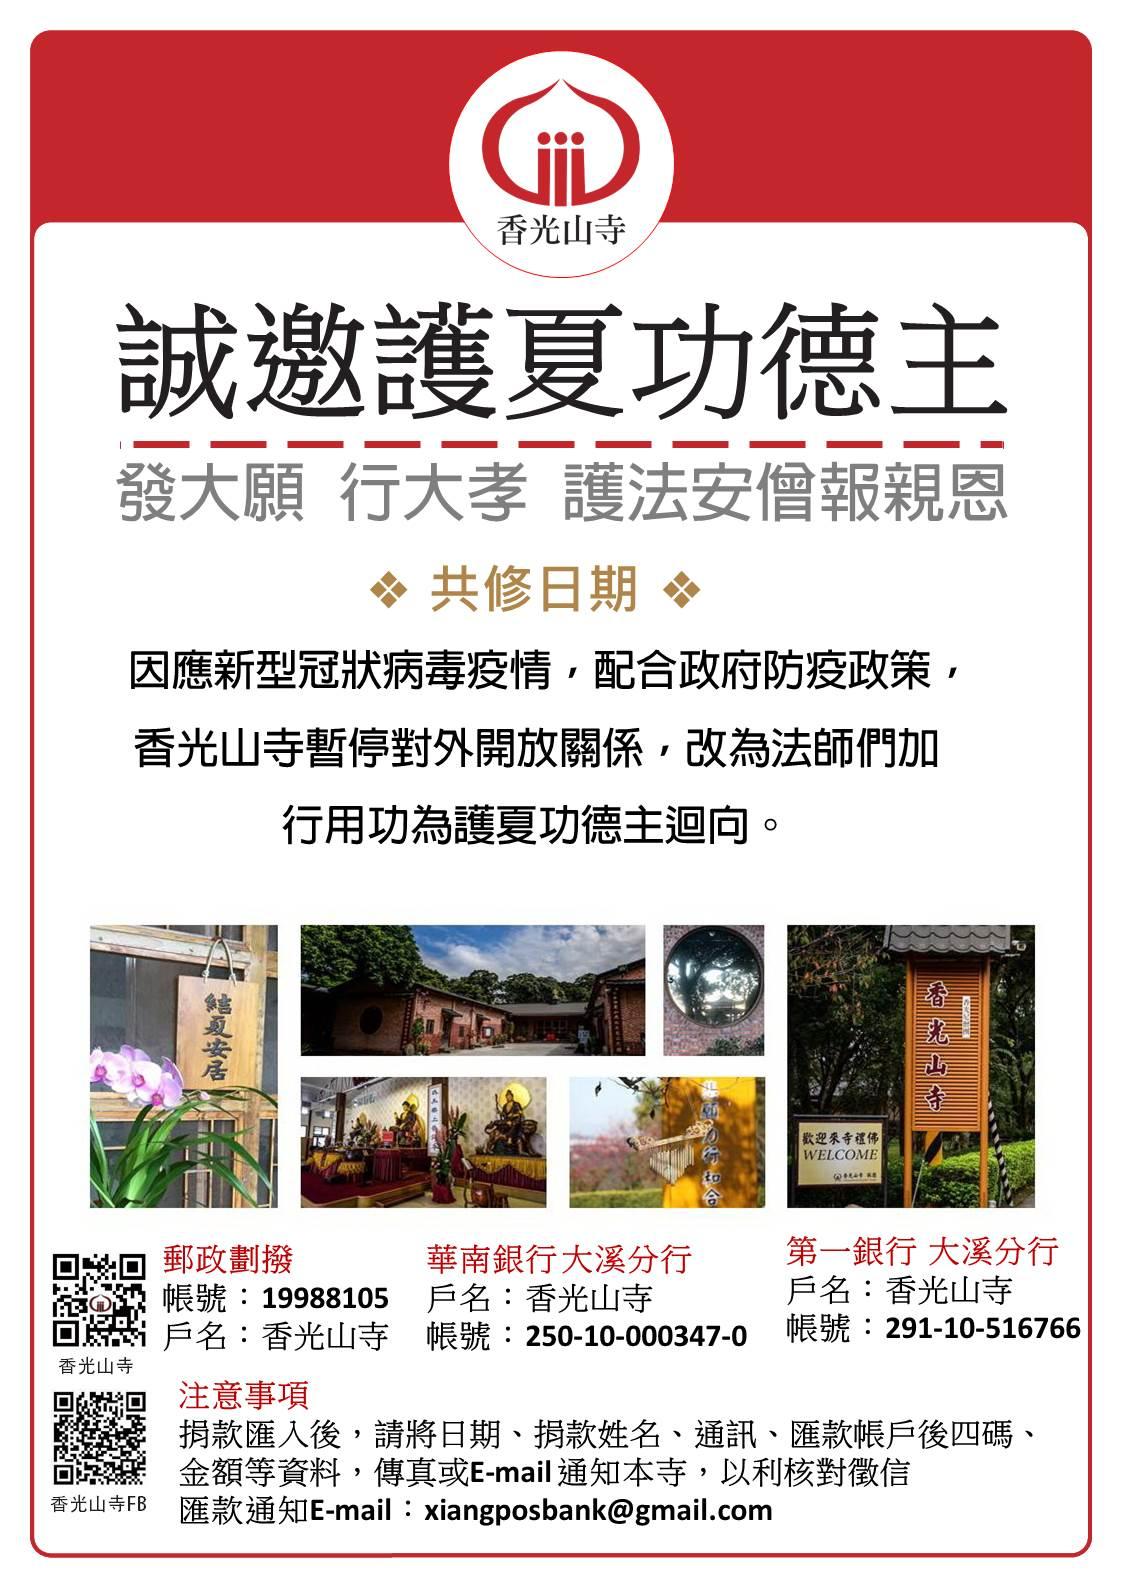 香光山寺榮獲109年績優公益宗教團體獎